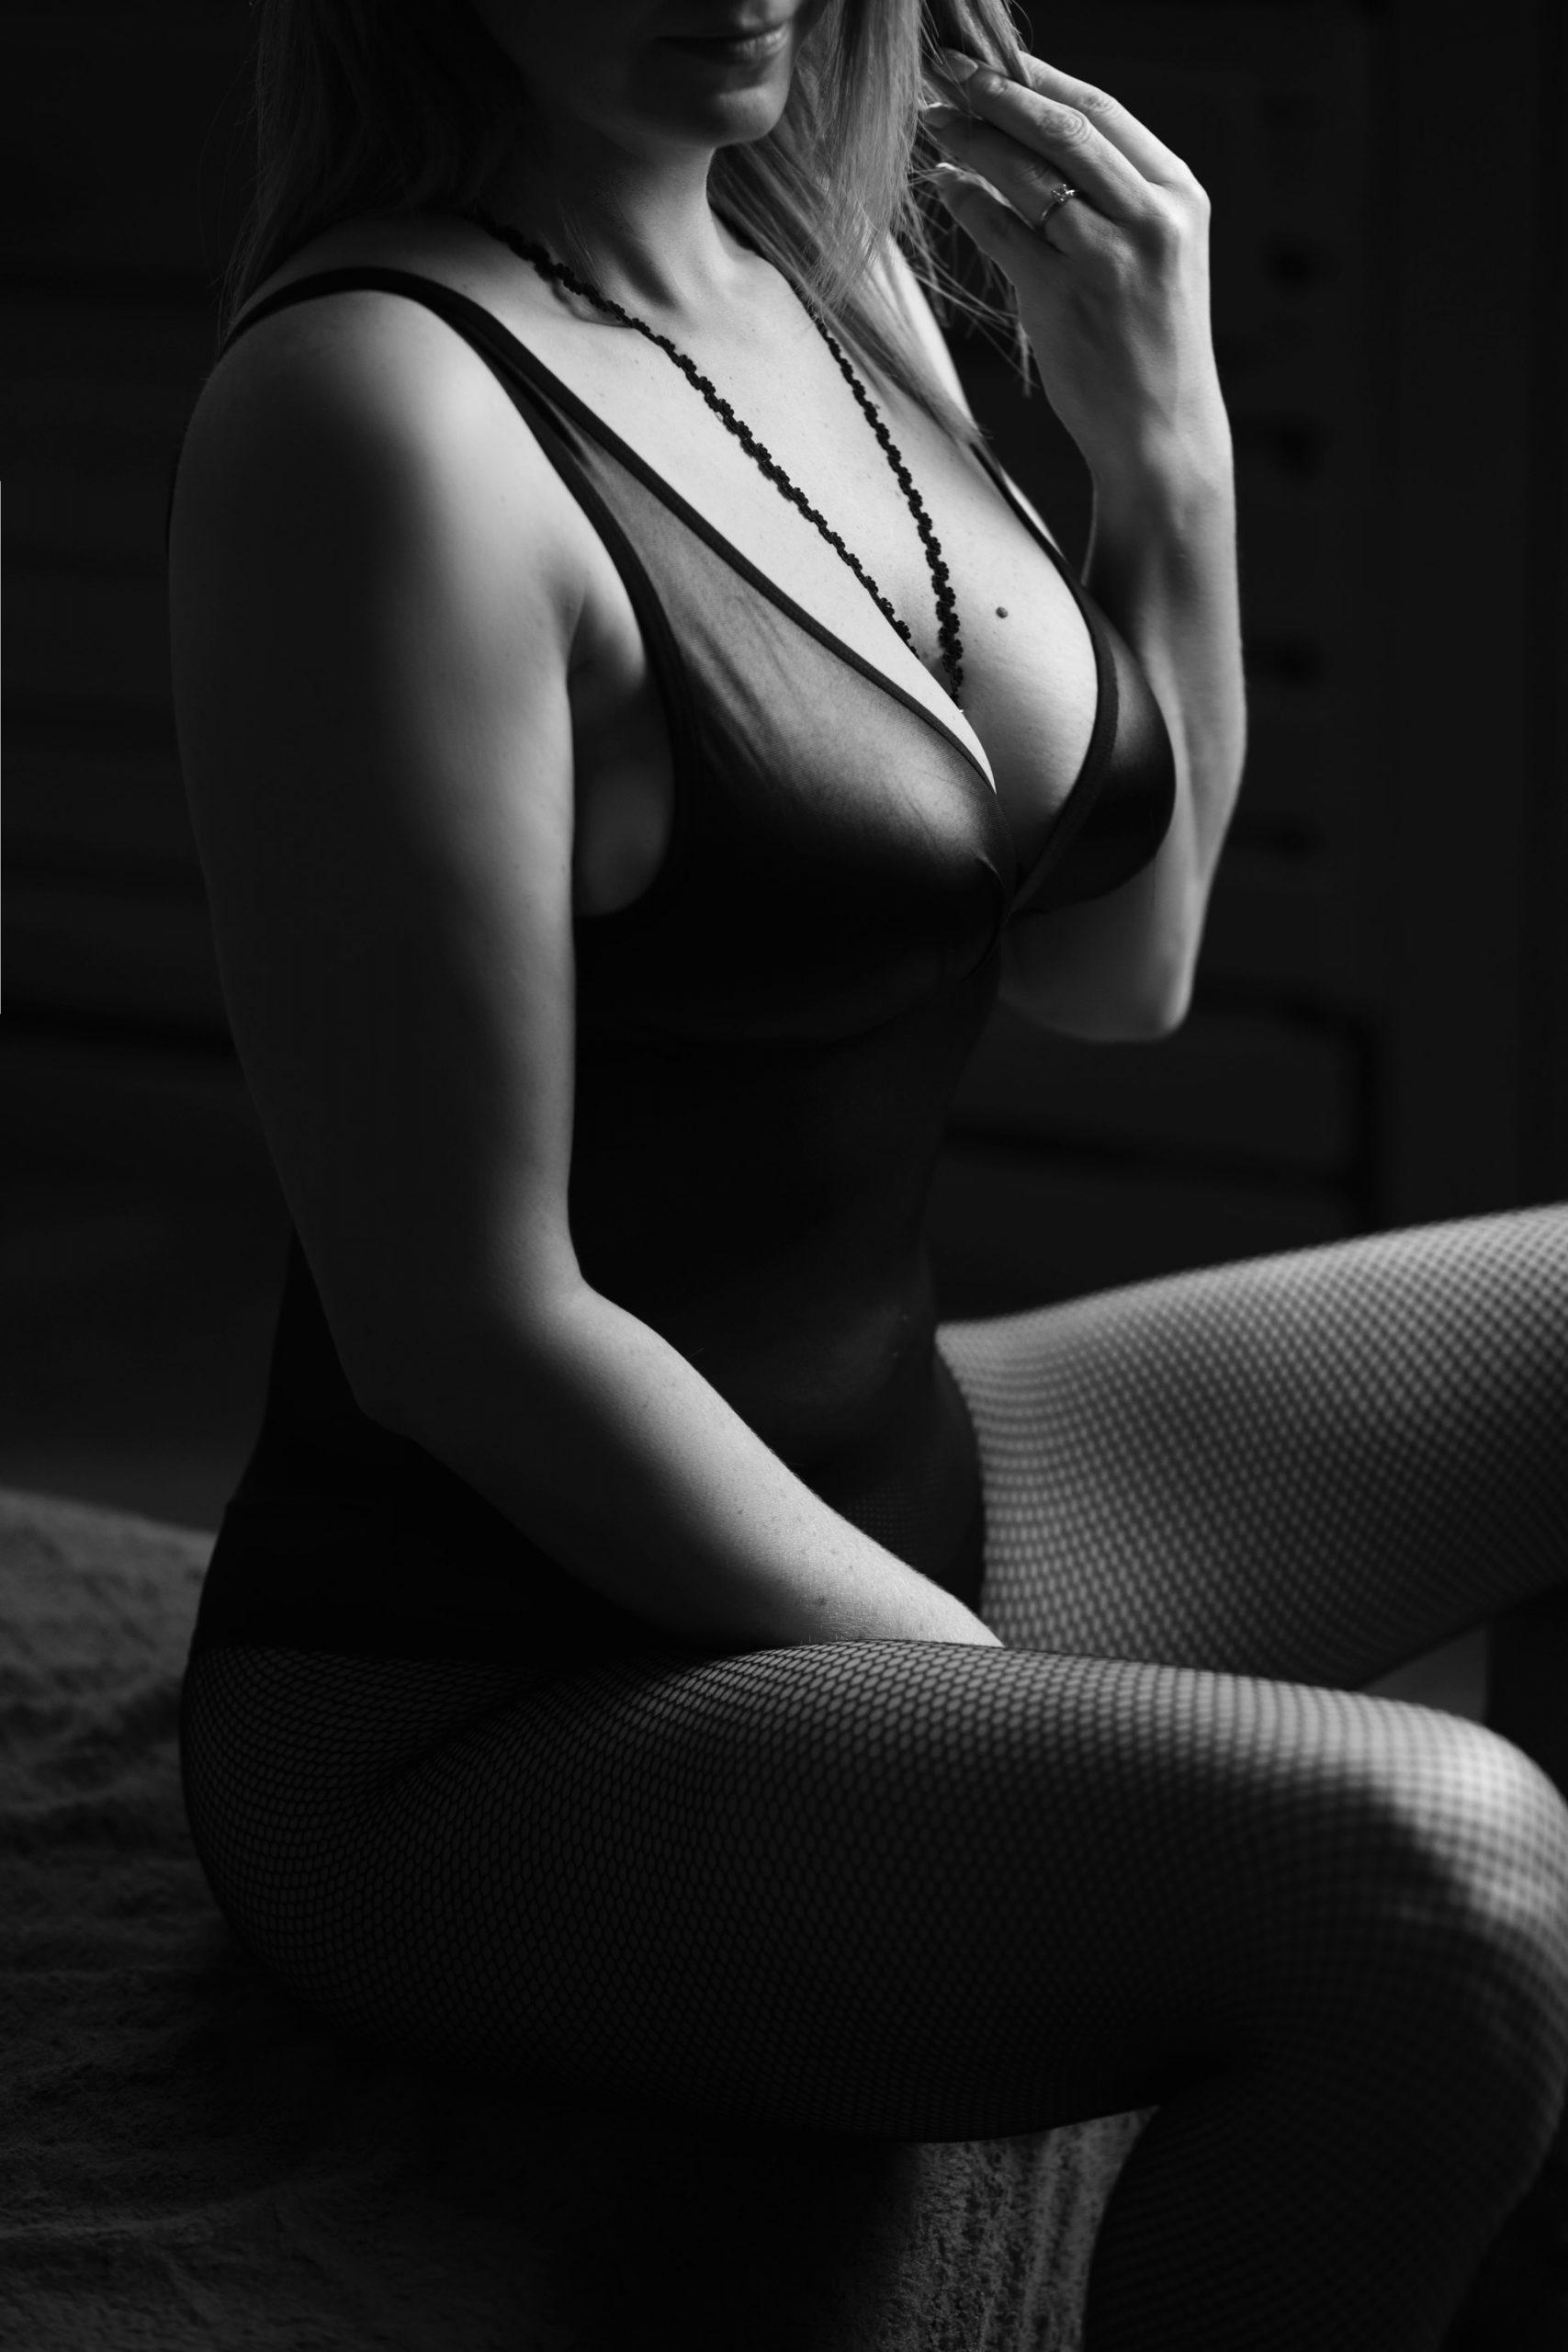 fekete fehér fotó